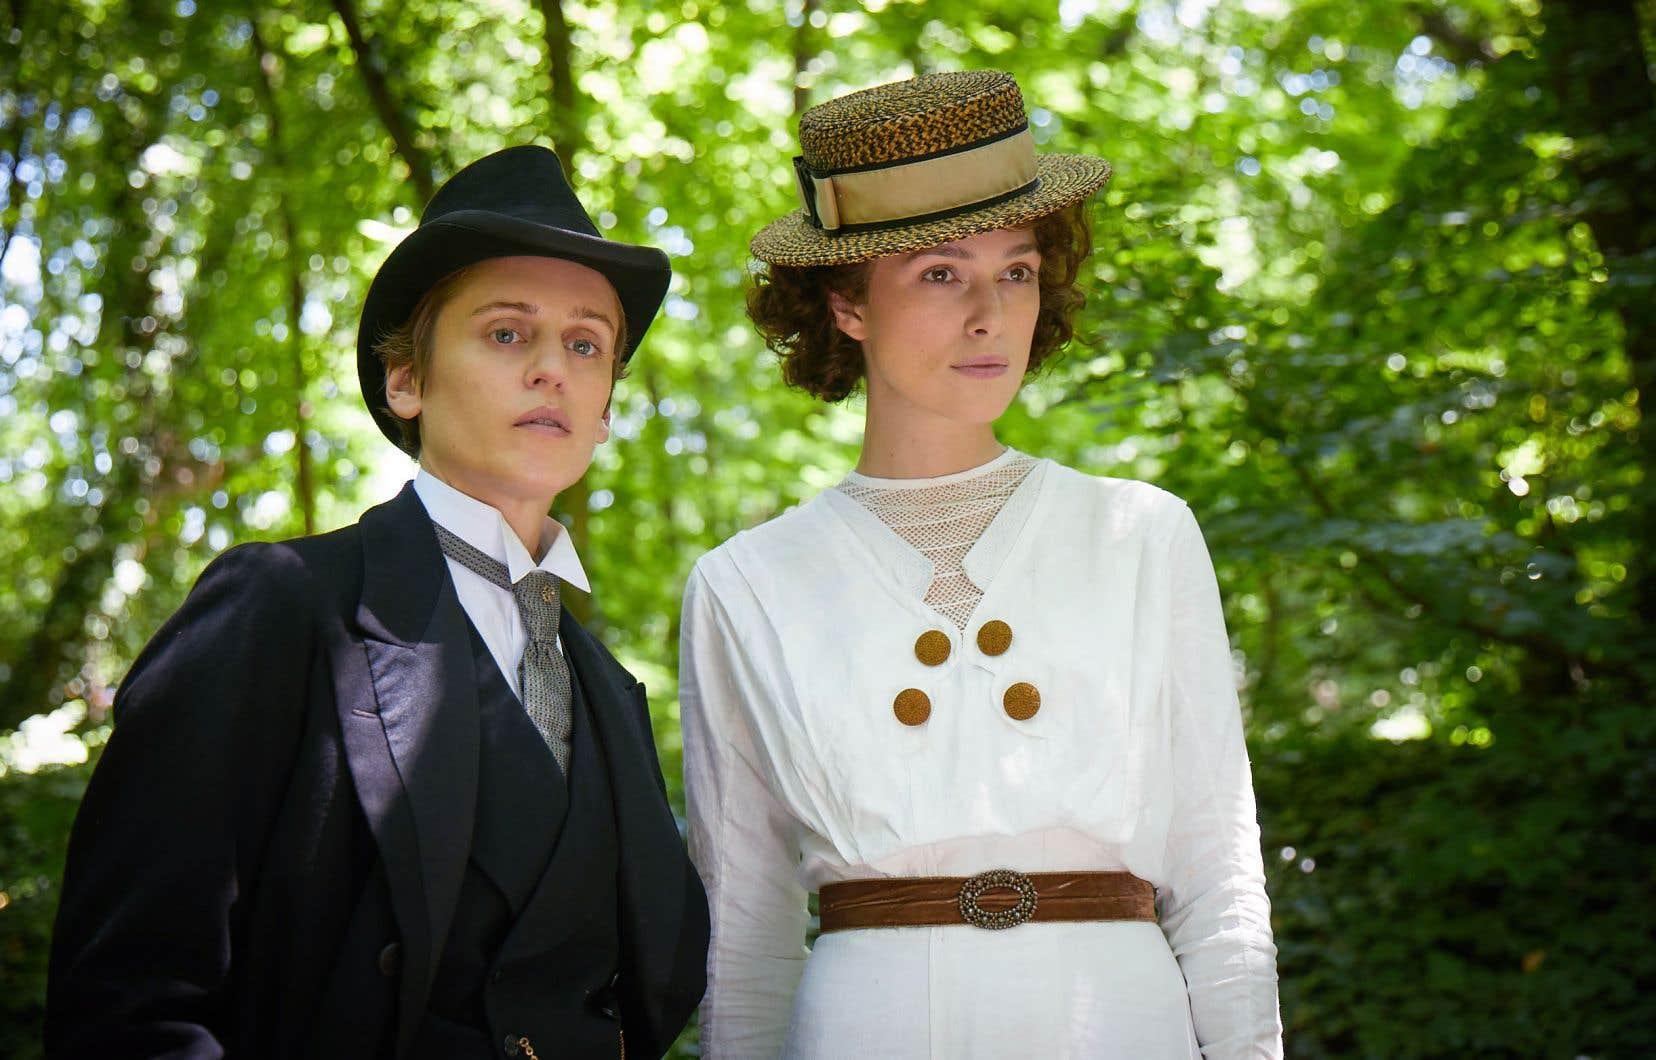 Missy et Colette, incarnées par Denise Gough et Keira Knightley